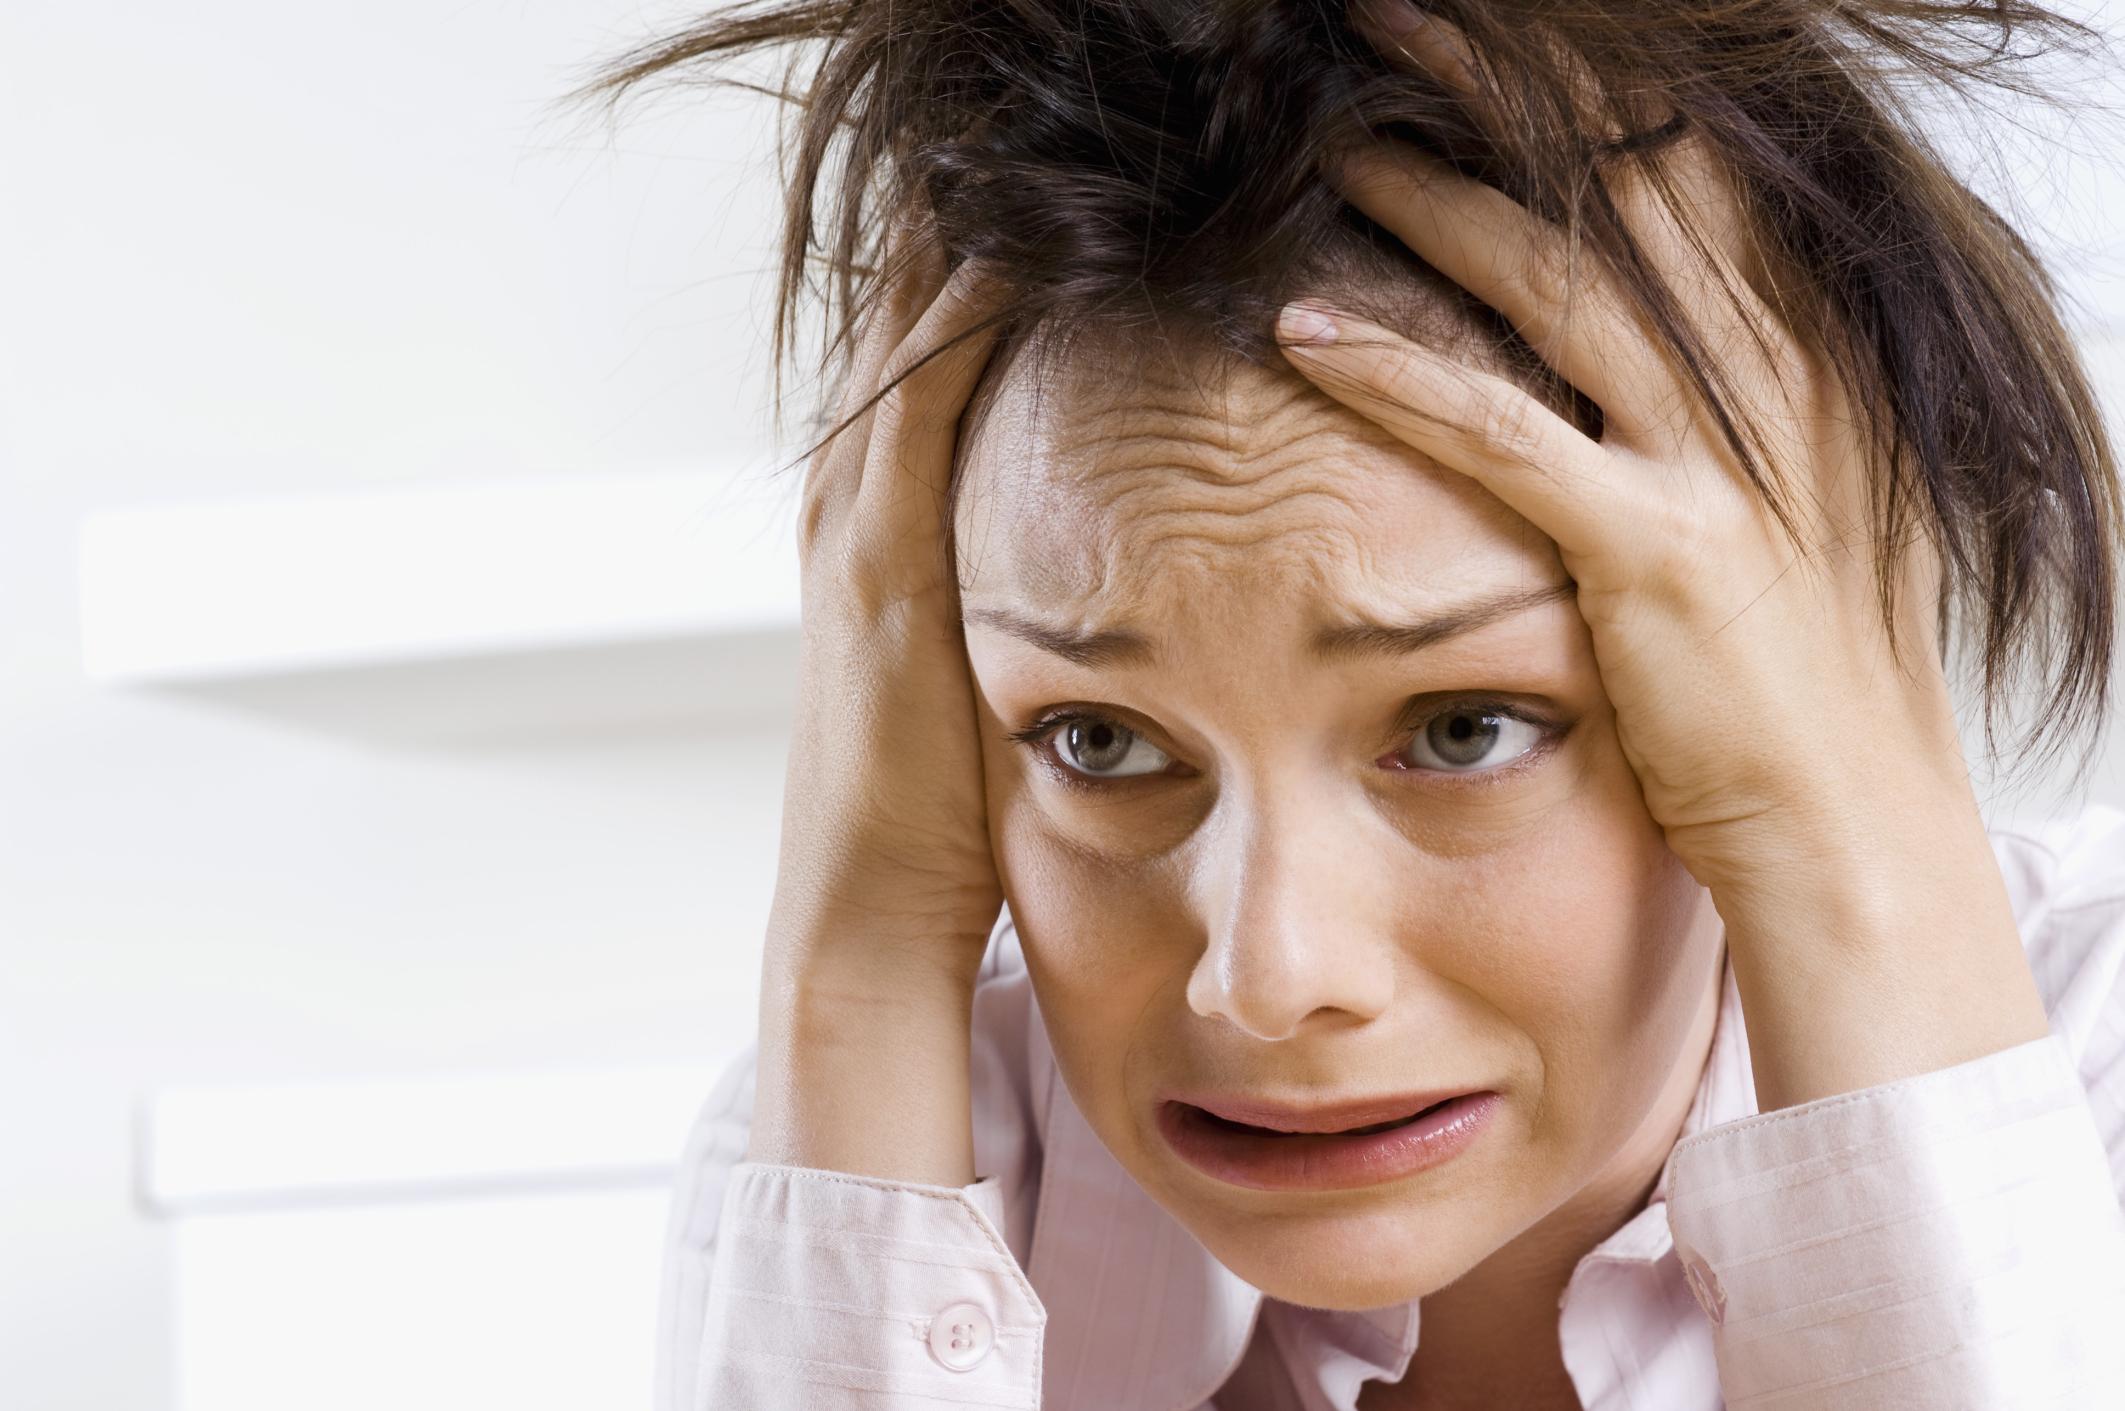 Субдепрессивное состояние: что это такое, преддепрессивное, субклиническое расстройство, легкие выраженные симптомы, причины, как избавиться?